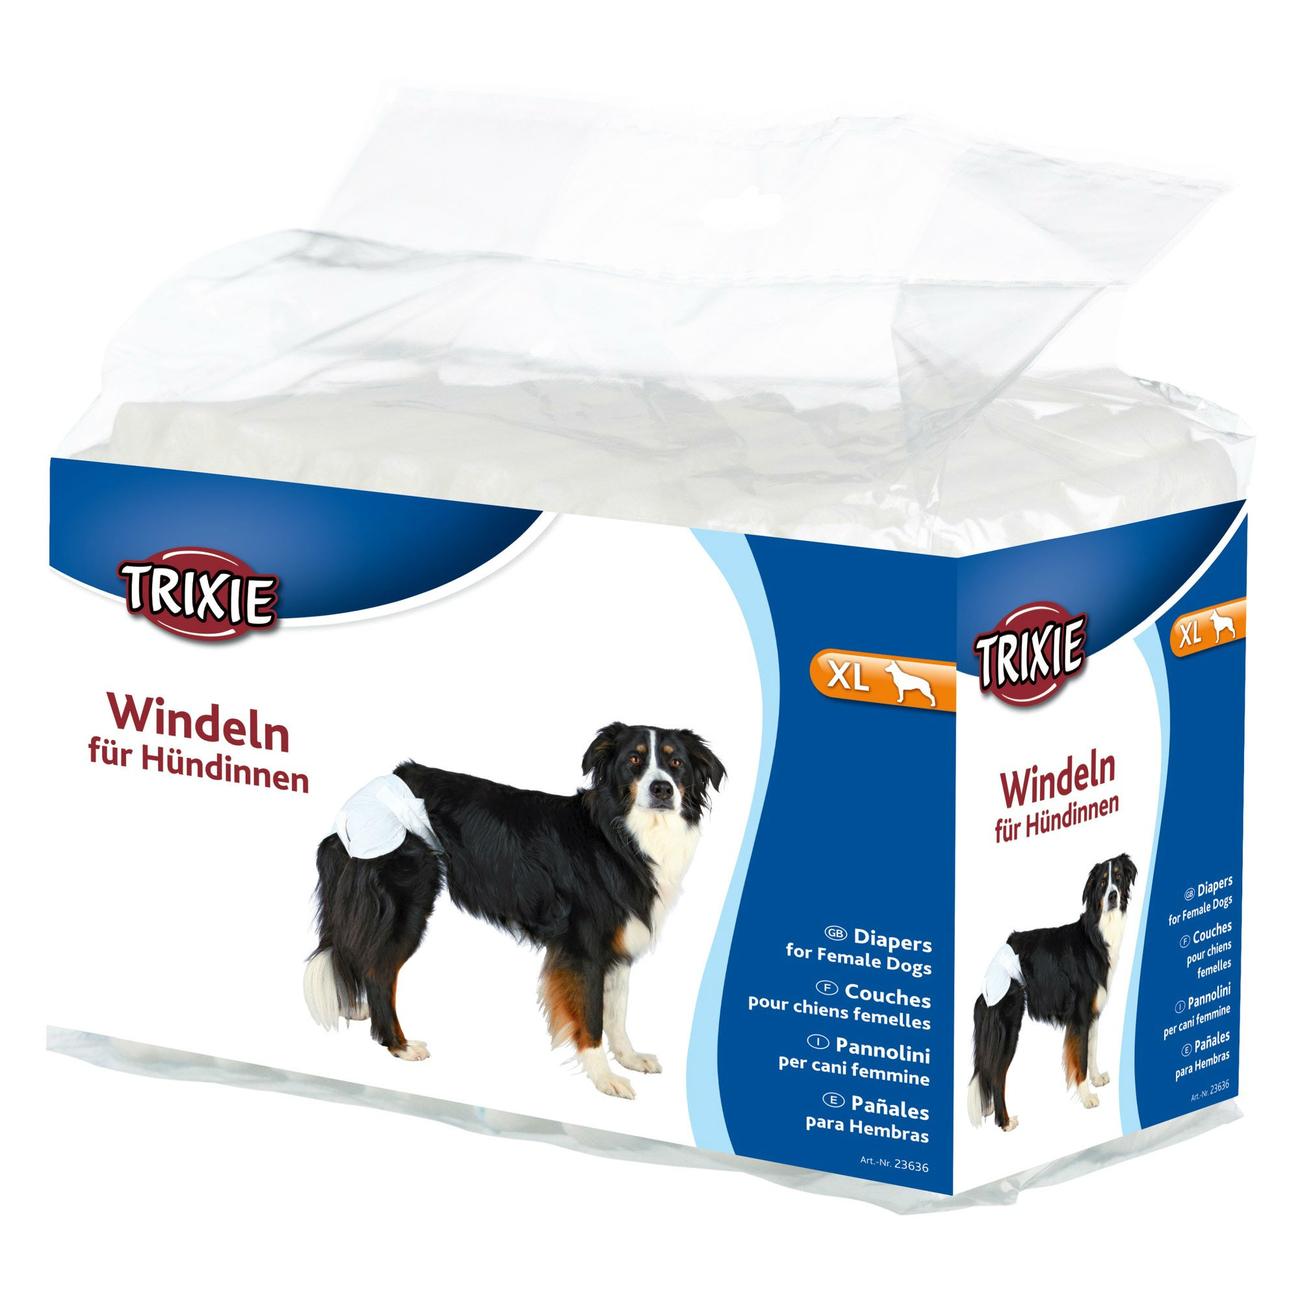 TRIXIE Hundewindeln für Hündinnen 23631, Bild 6